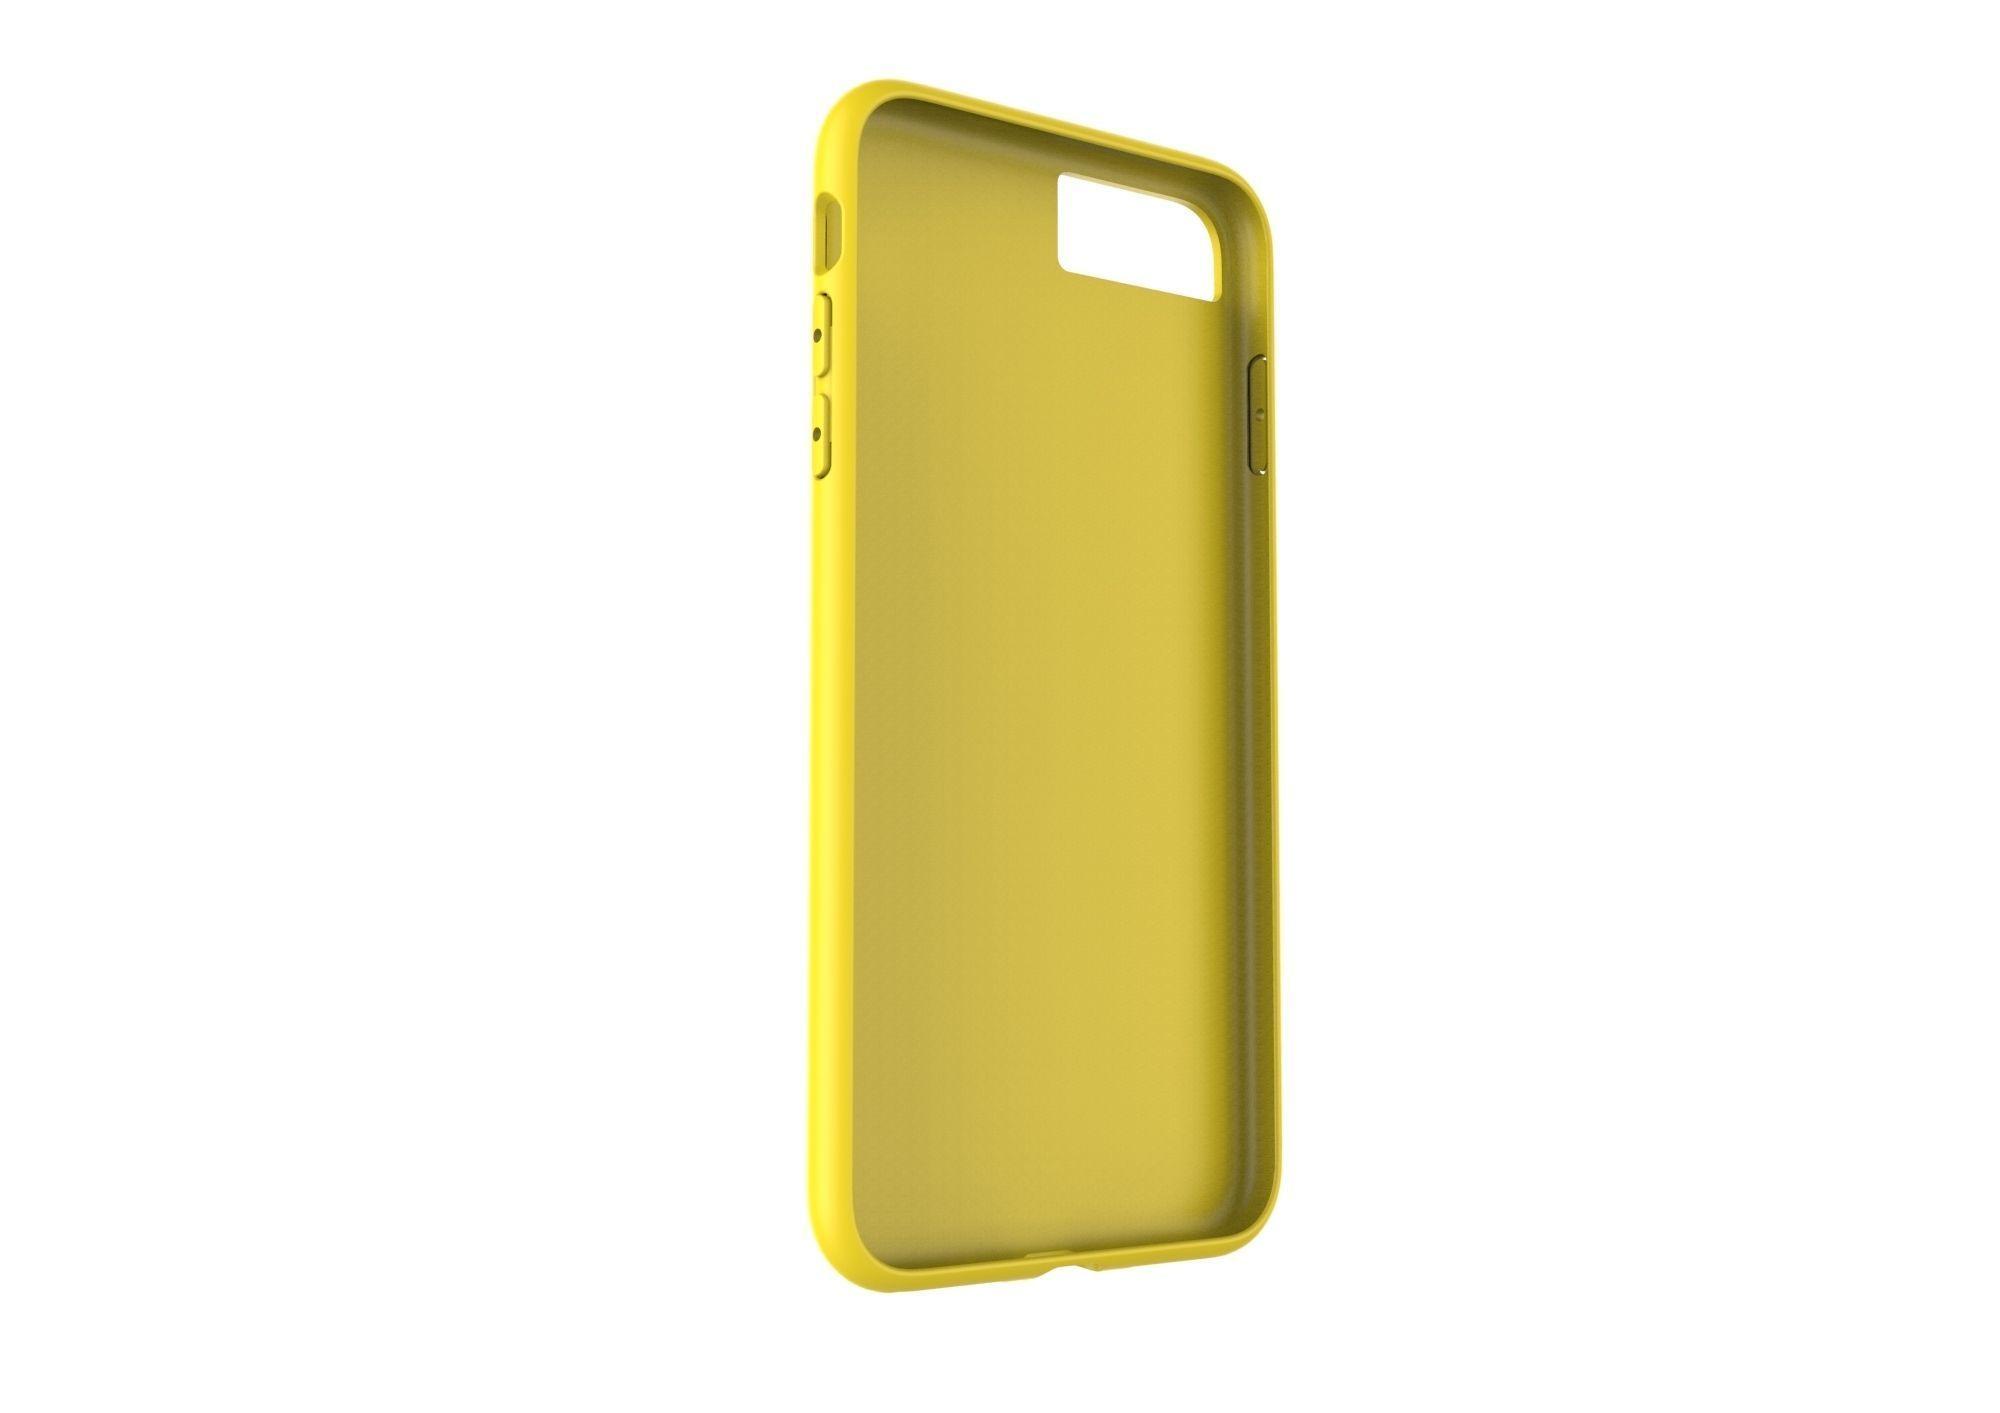 iphone 8plus yellow case Original customizable design